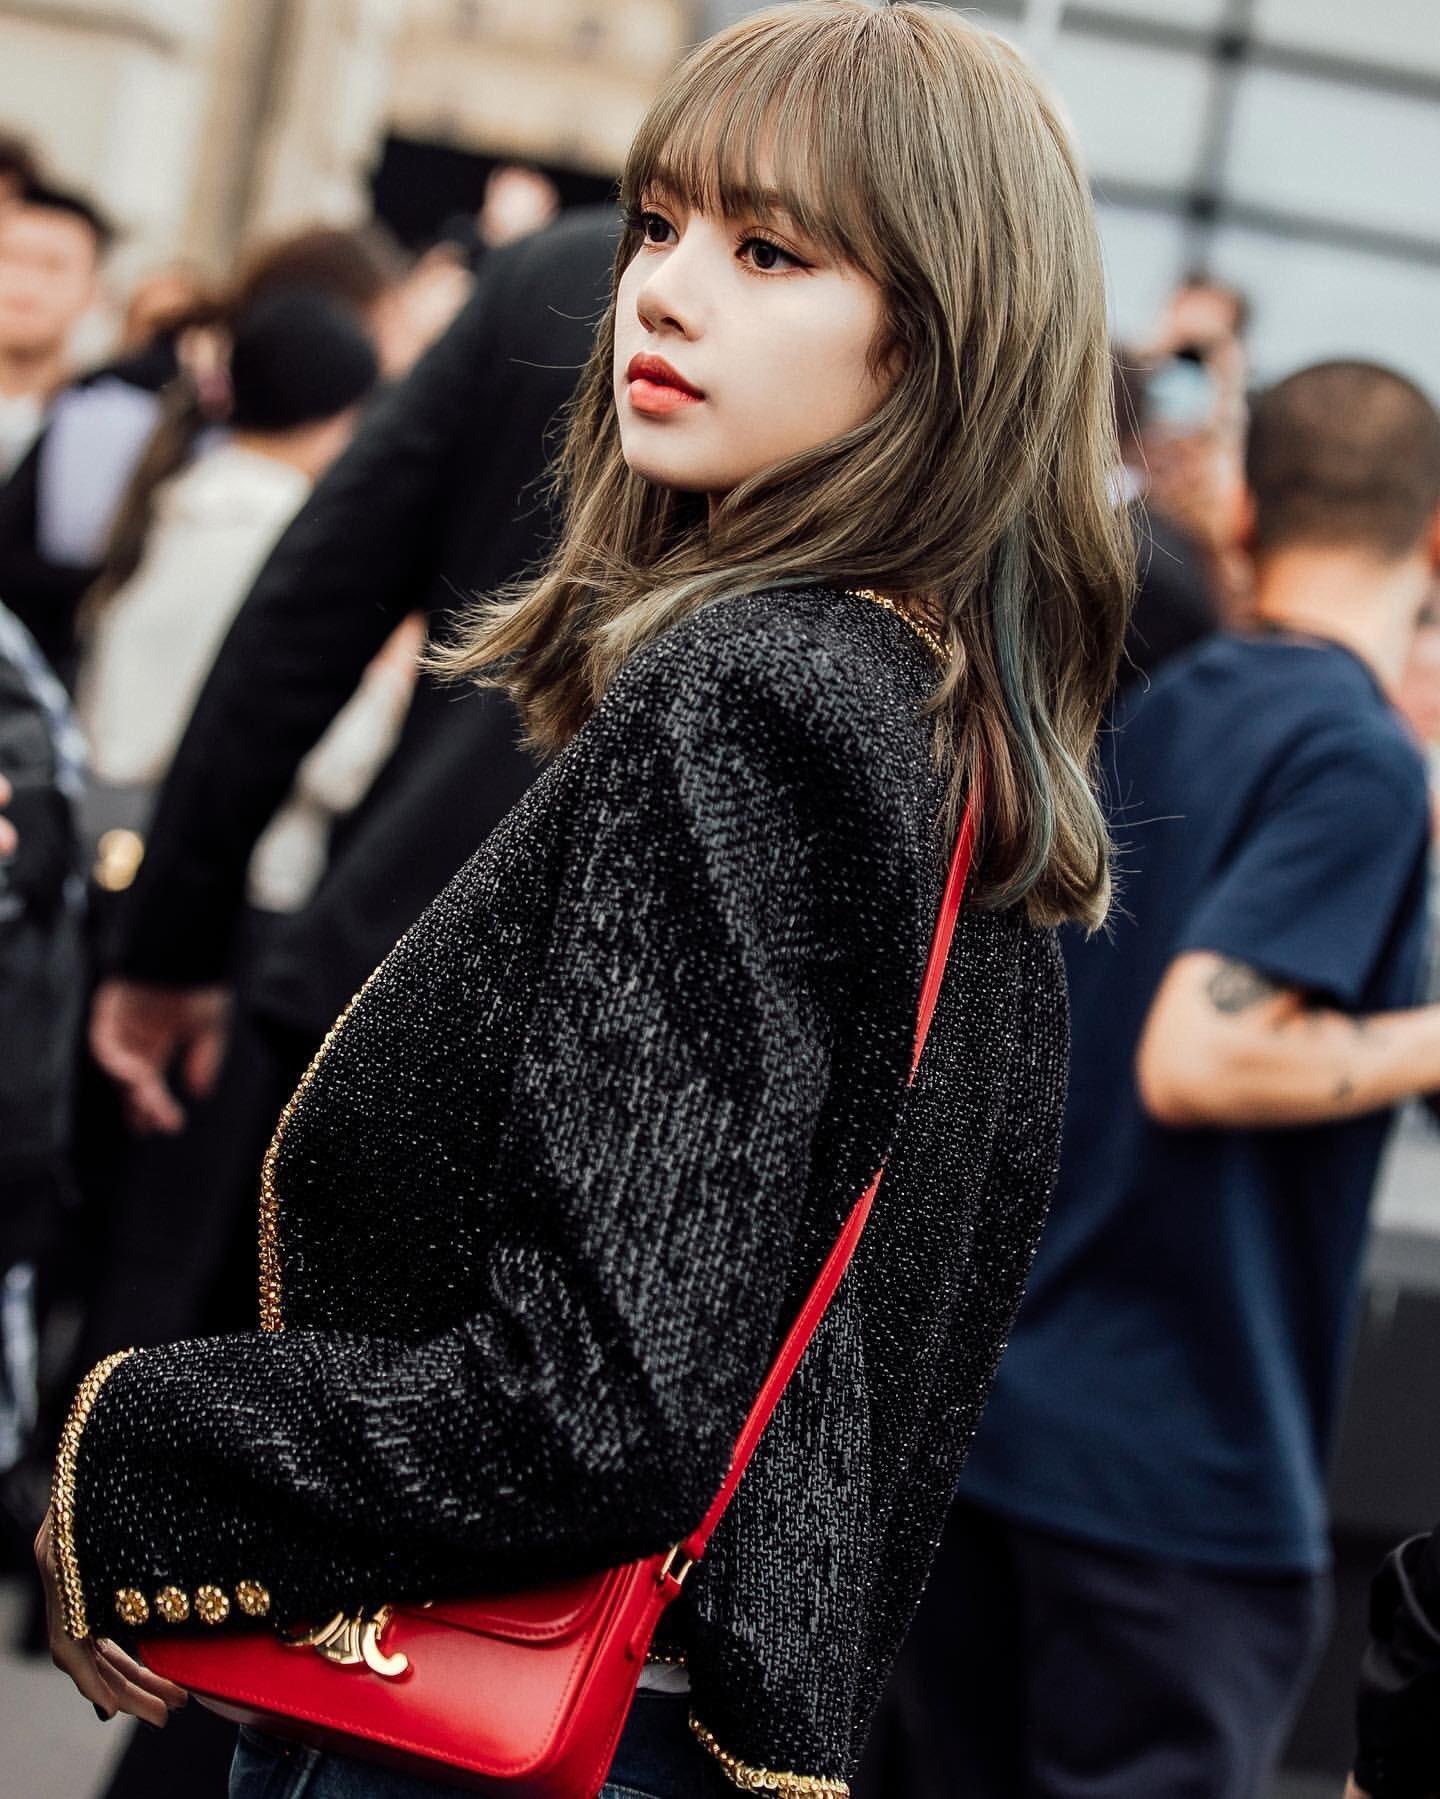 Lisa diện áo khoác đen viền vàng và túi xách đỏ tại show diễn Celine Menswear Xuân - Hè 2020